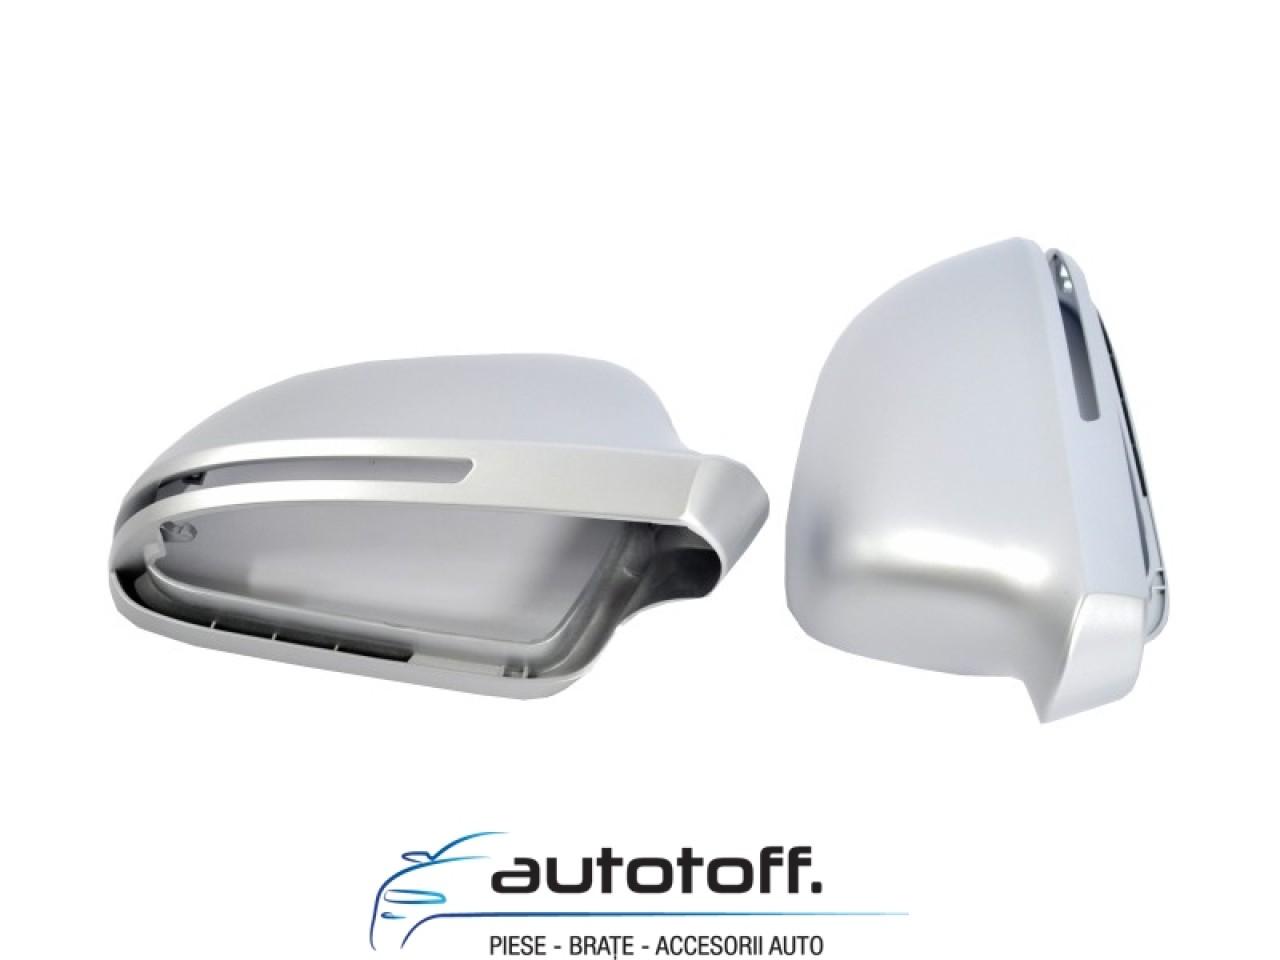 Capace oglinzi Audi A3 8P, A4 B8, A6 4F Facelift, A5 S5 RS5, A8